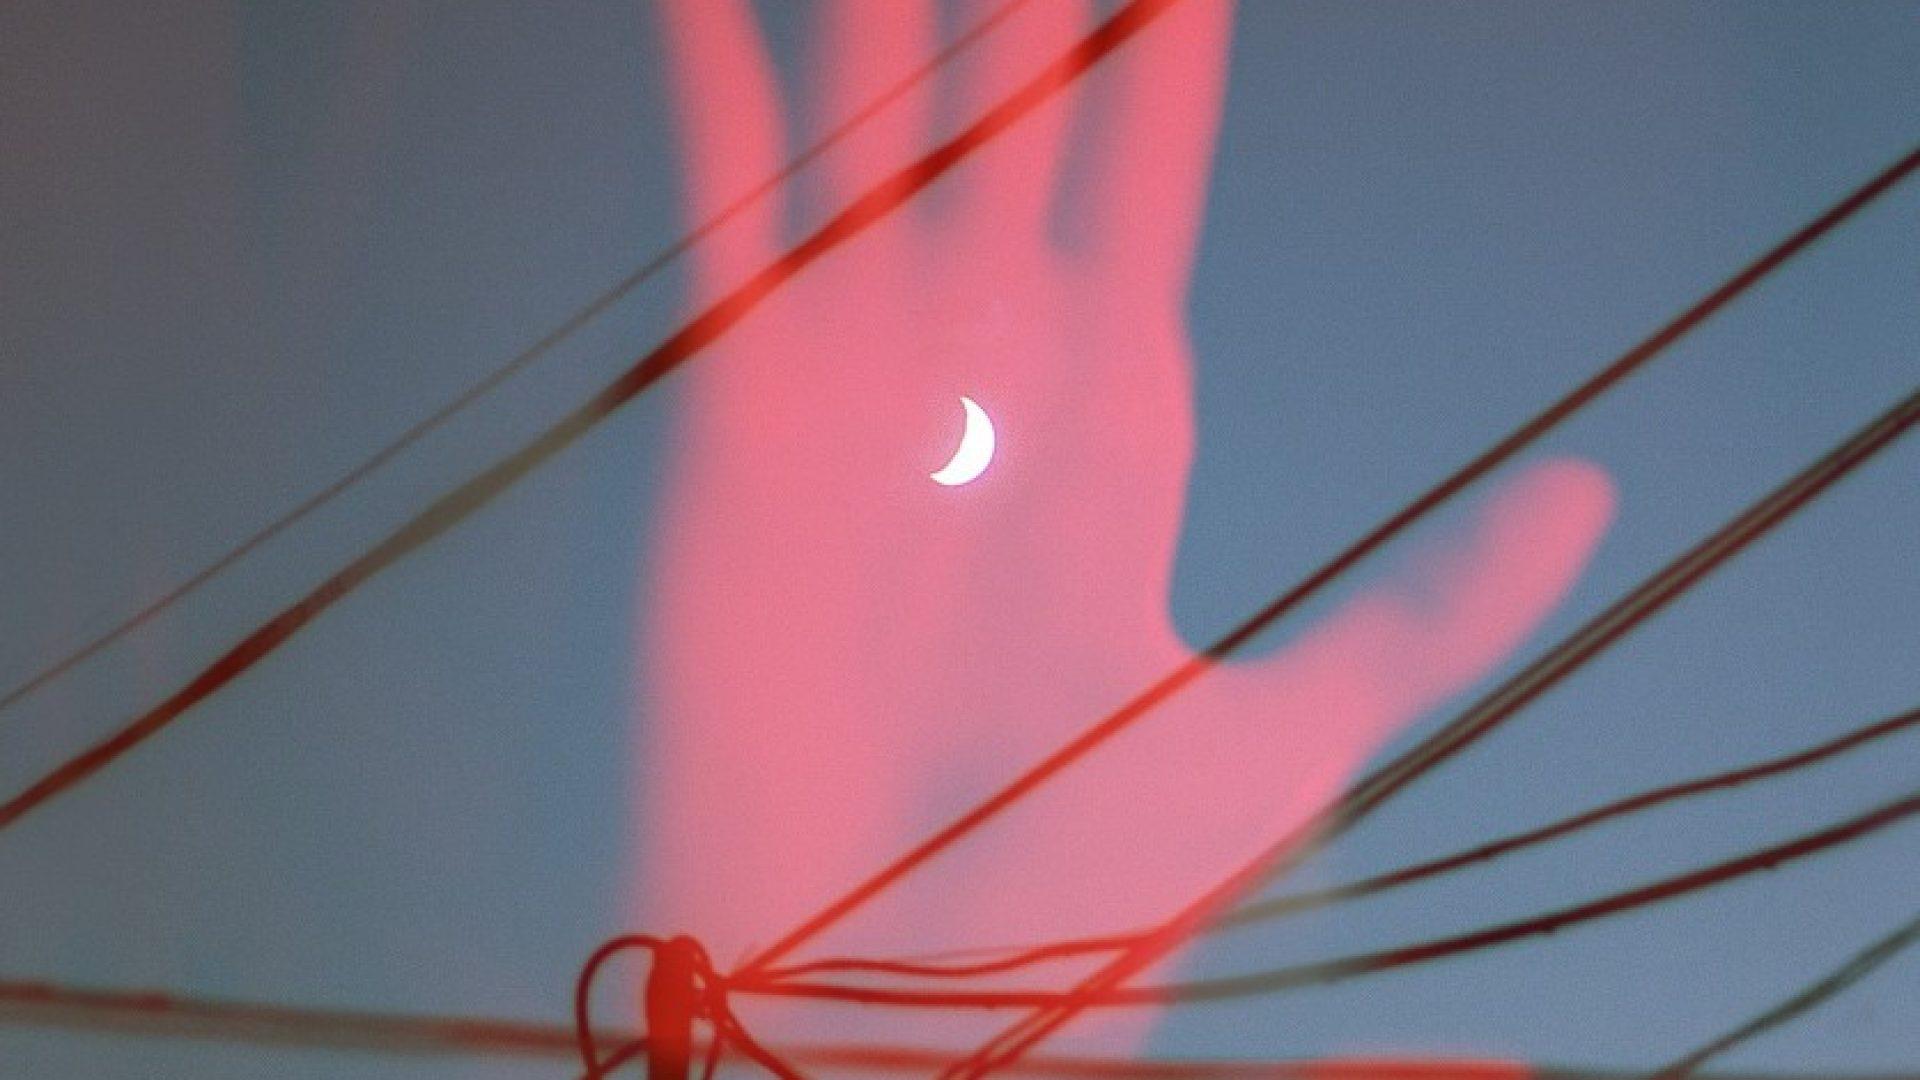 En rød hånd blant strømledninger. Månen skinner gjennom hånden.